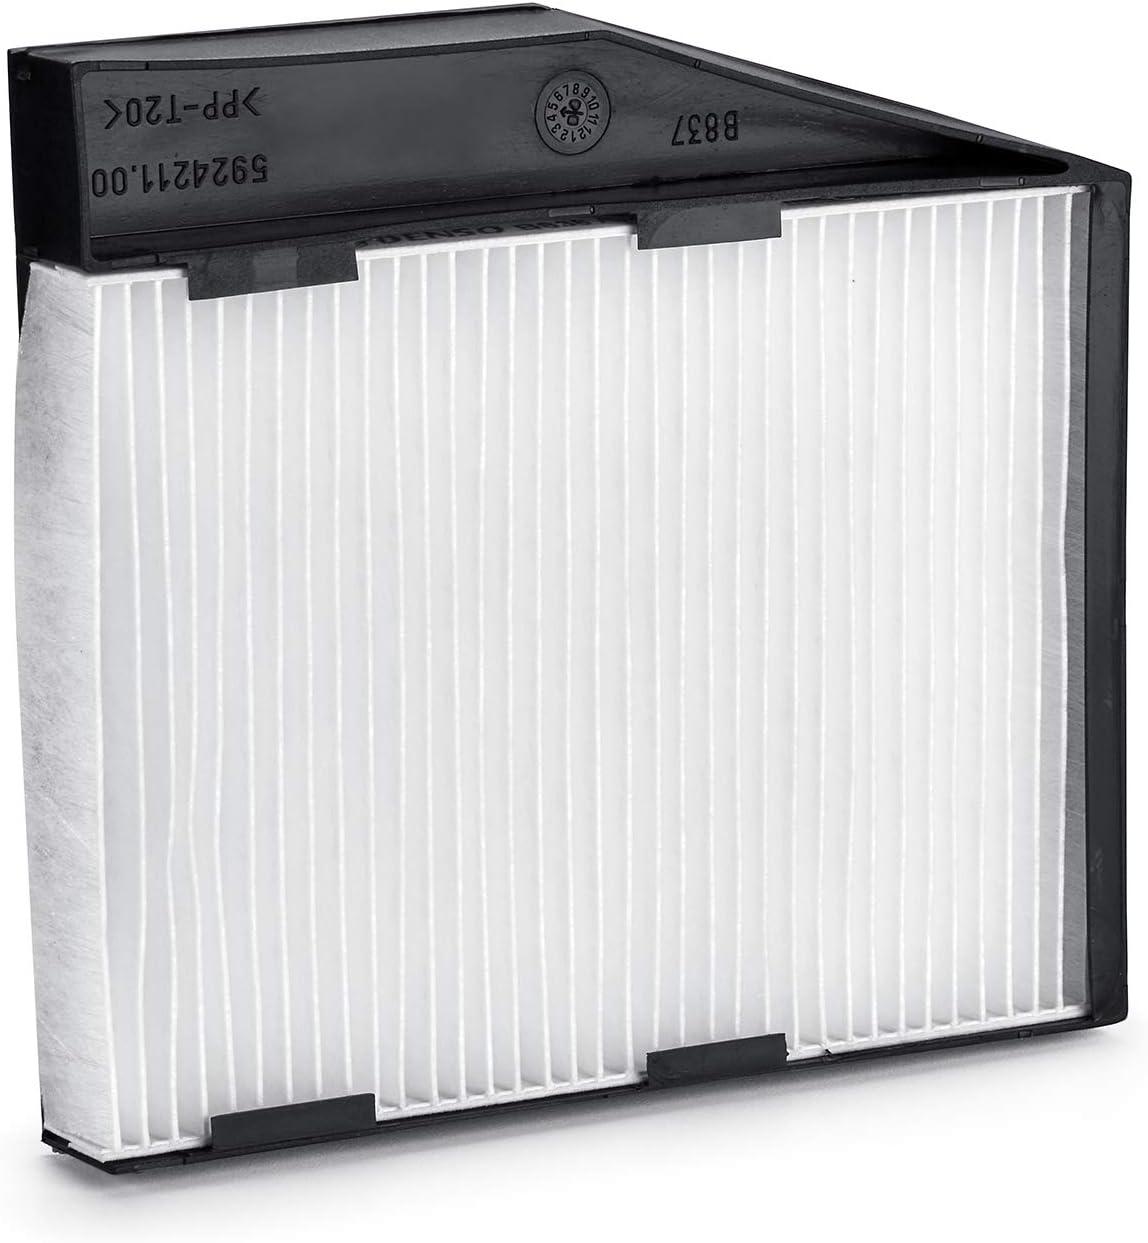 MOPAR/® Ricambi Originali 71775824 Filtro aria abitacolo carboni attivi